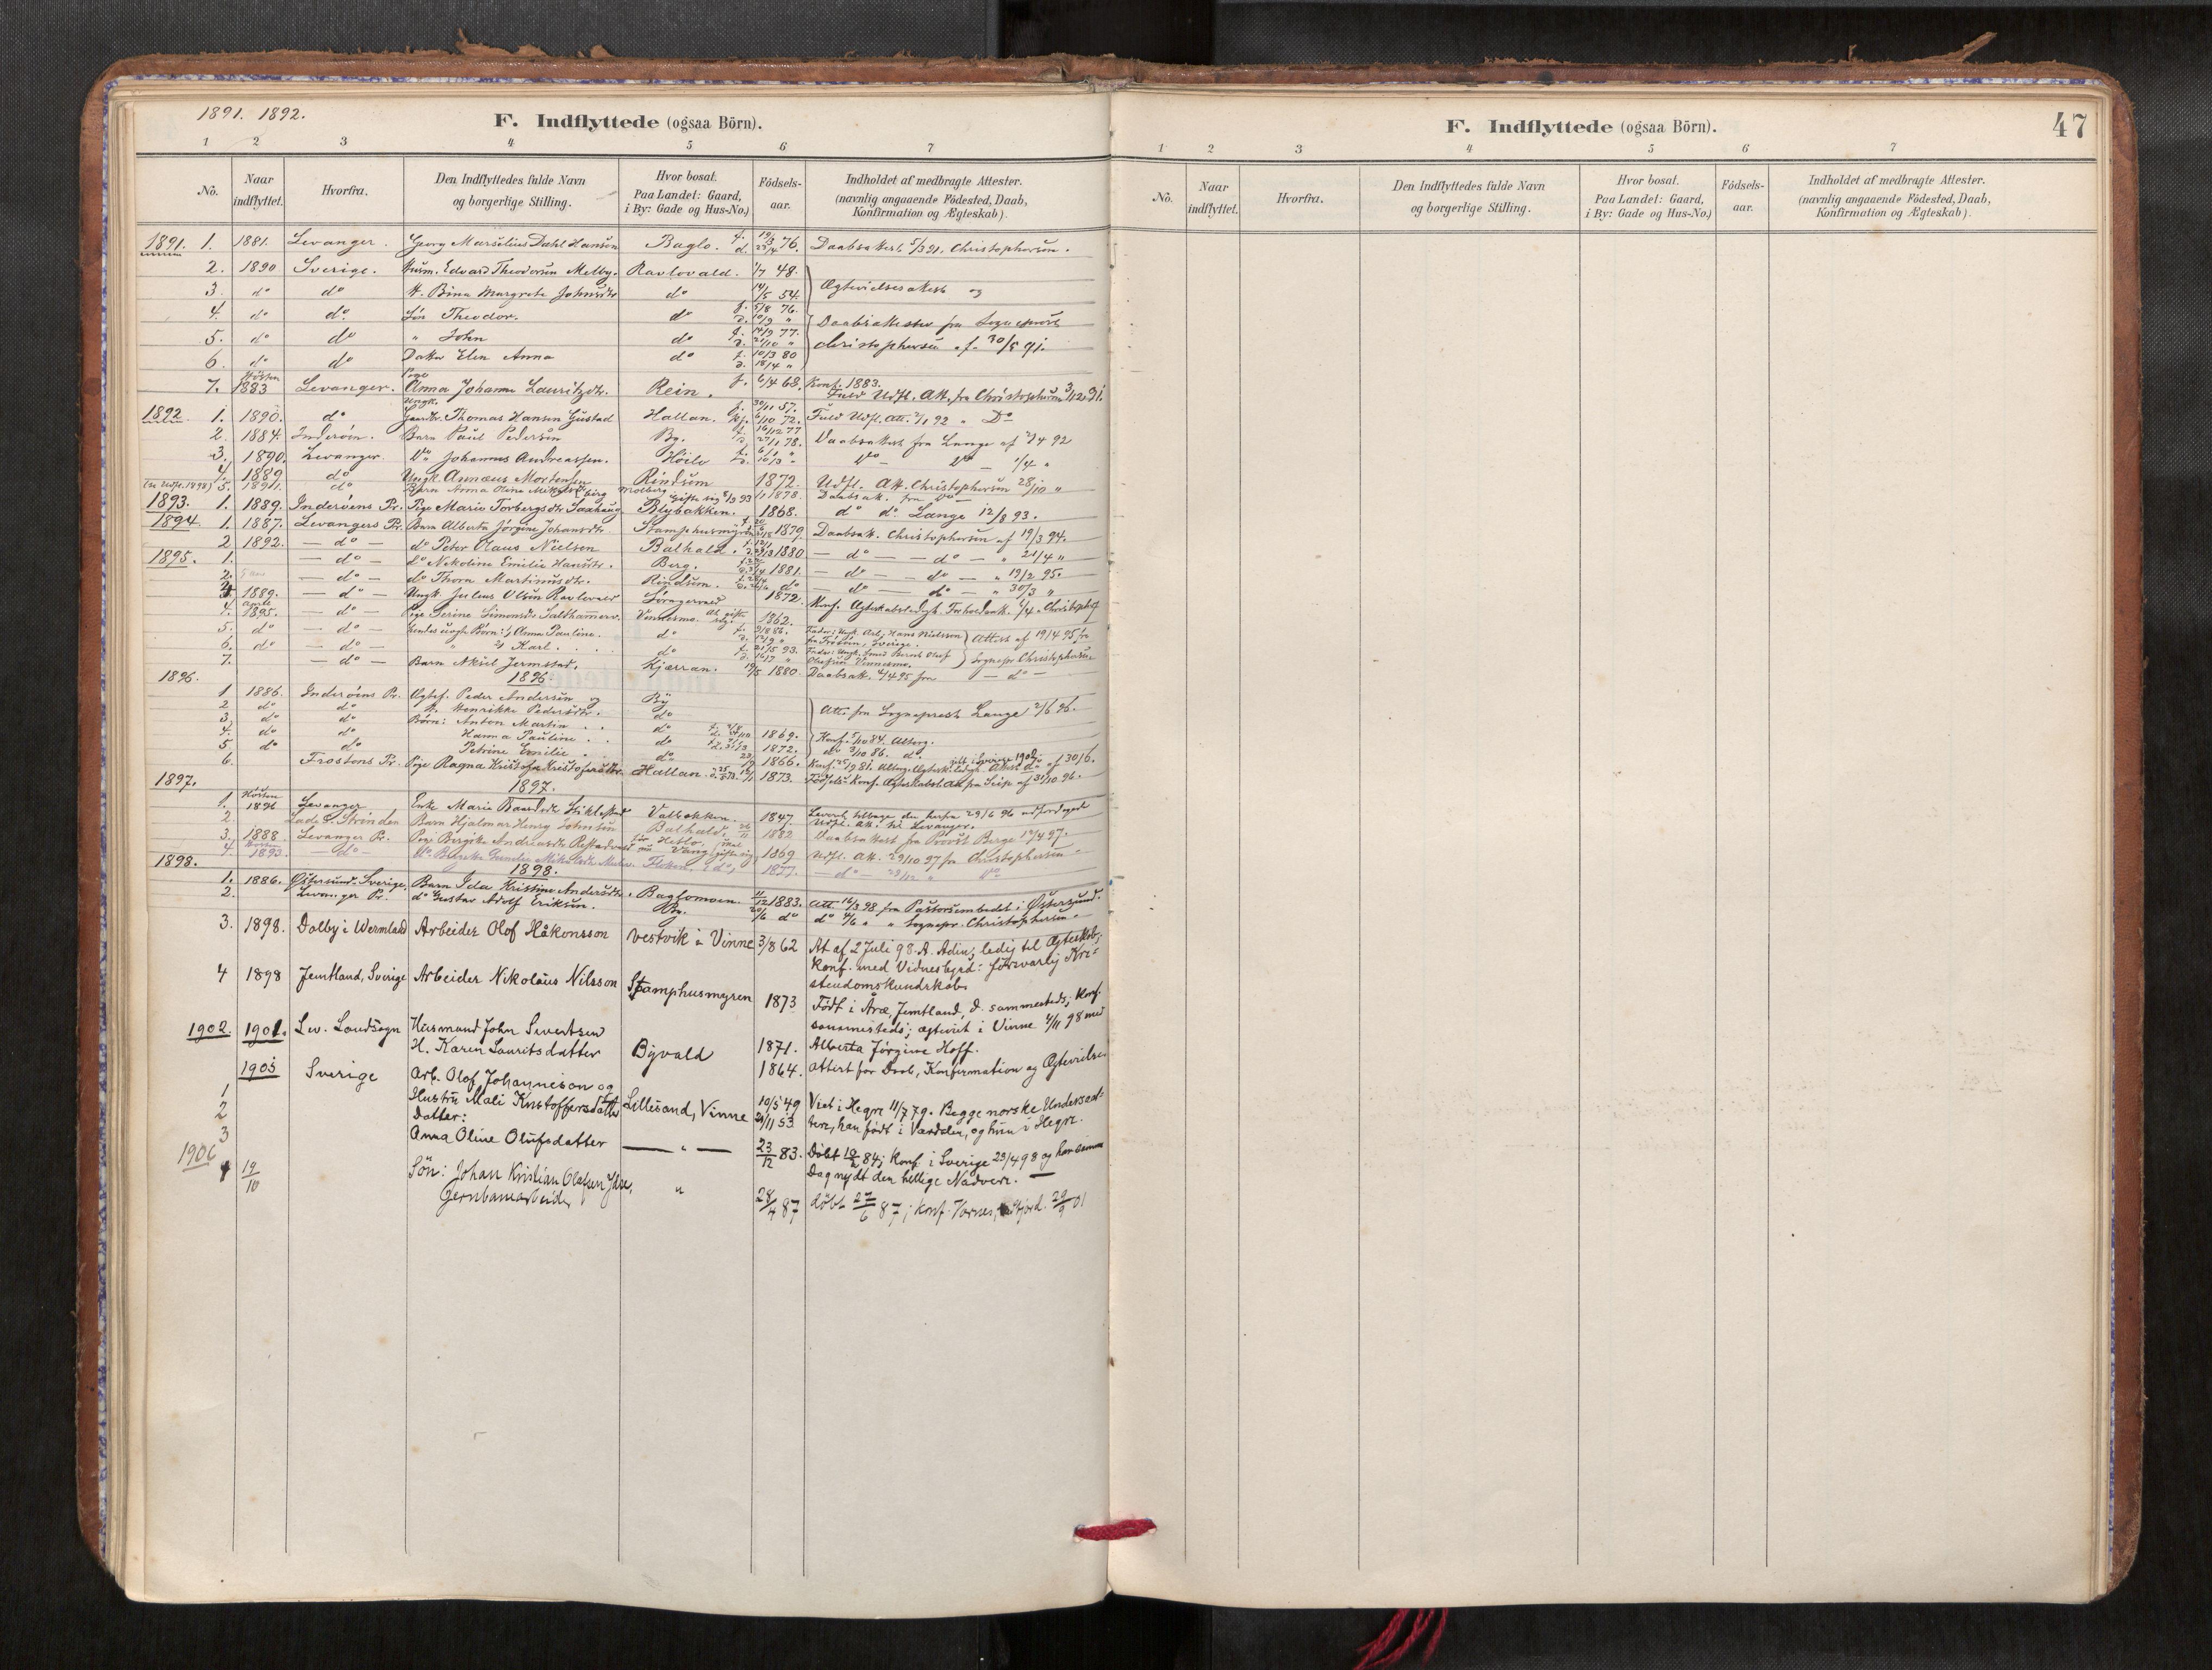 SAT, Verdal sokneprestkontor*, Parish register (official) no. 1, 1891-1907, p. 47